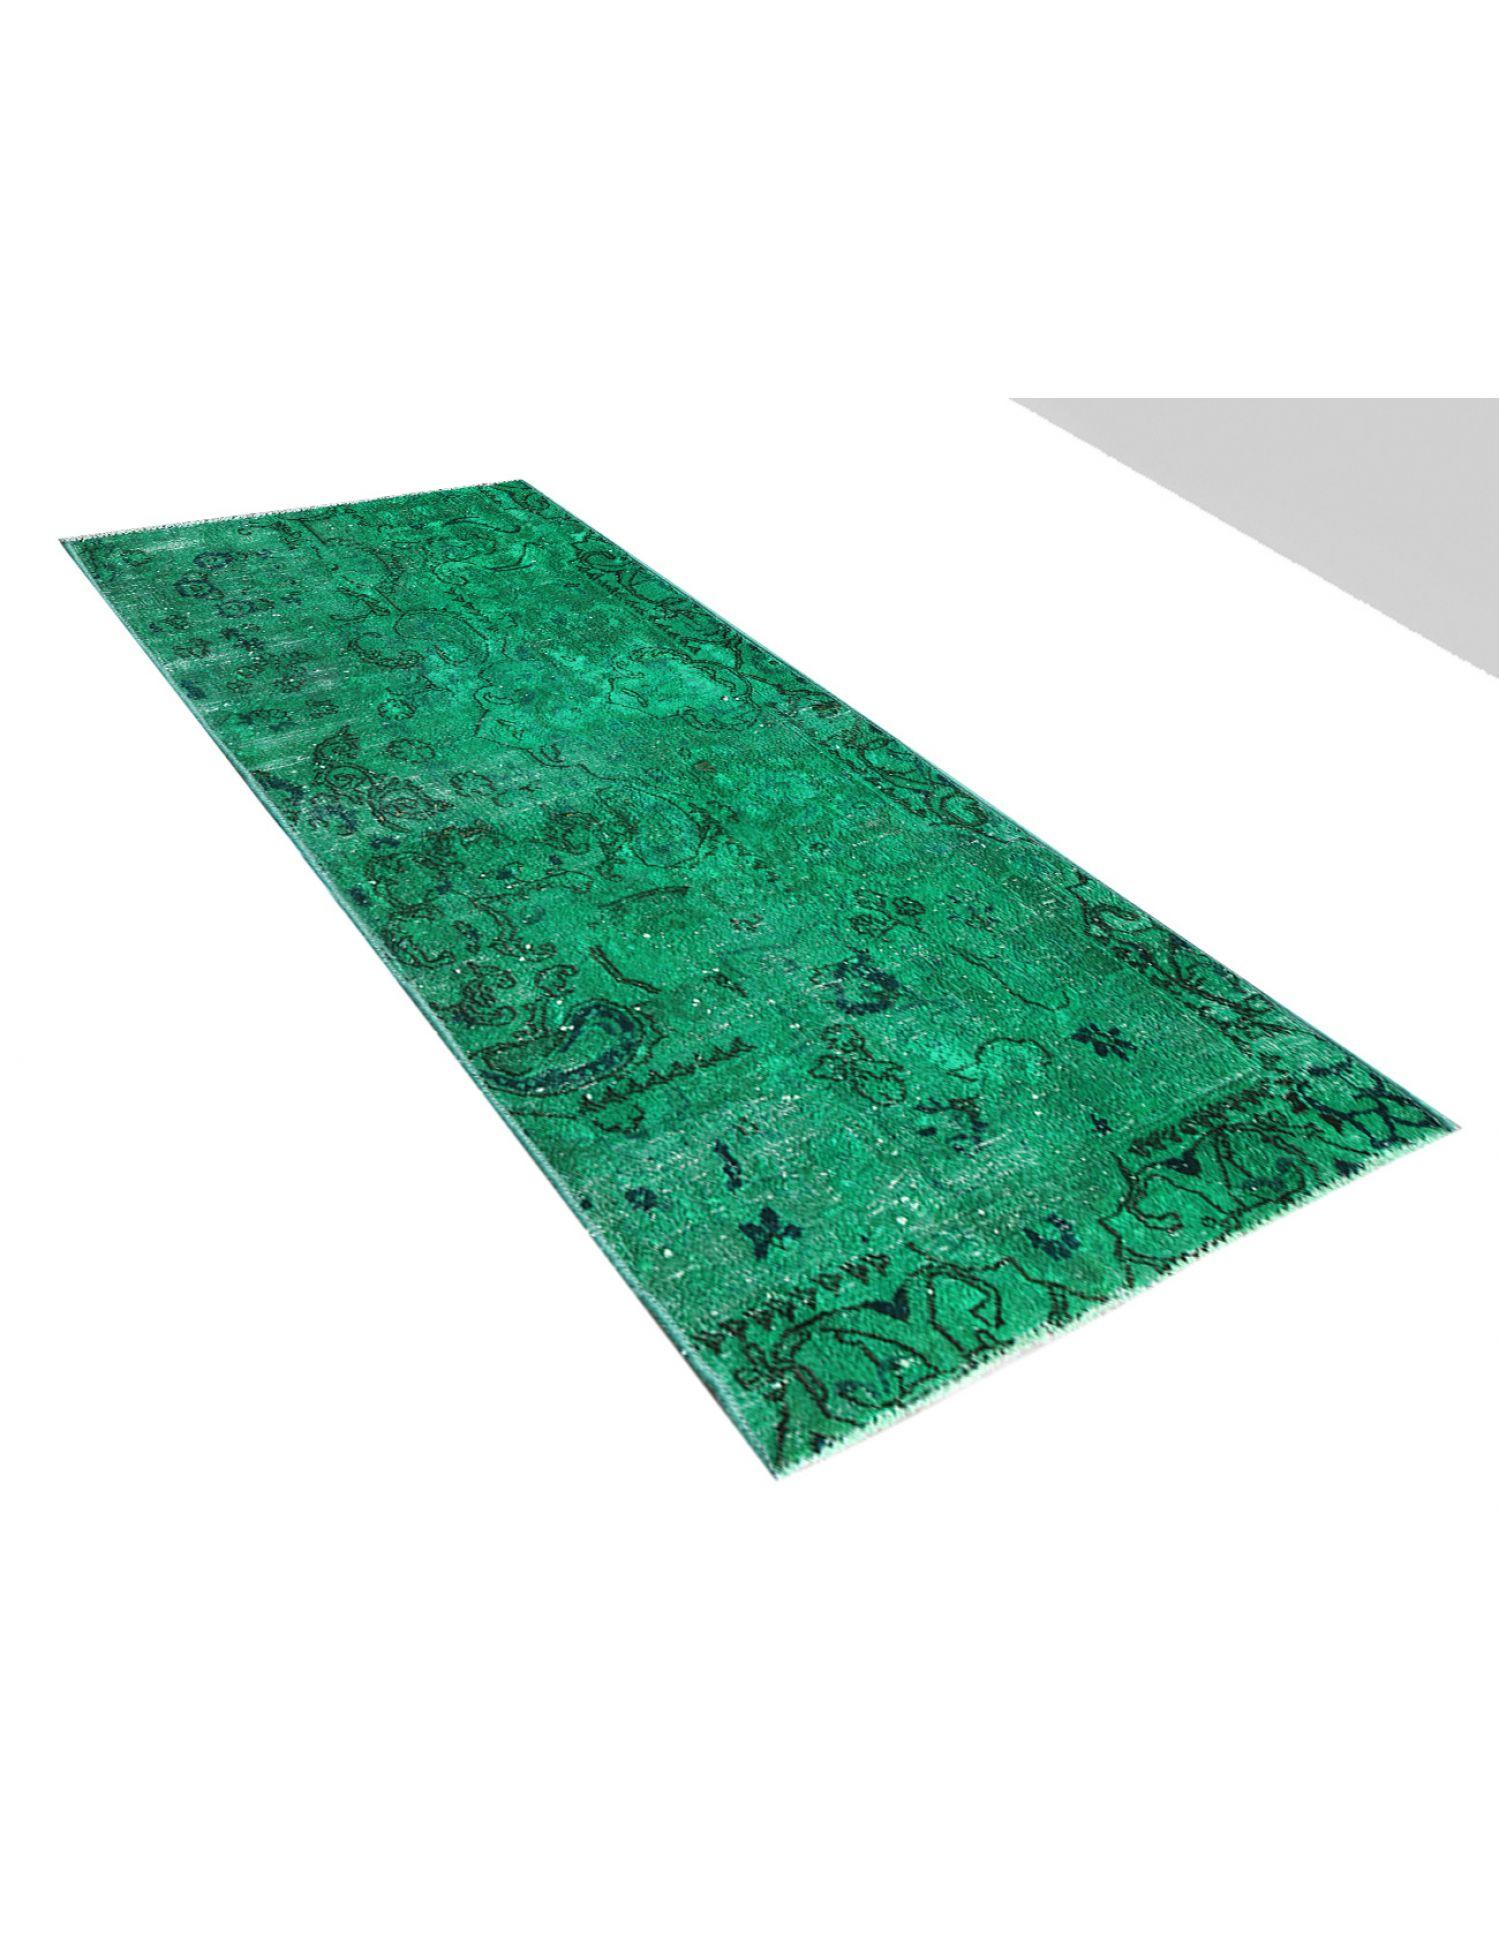 Vintage Teppich  grün <br/>156 x 78 cm